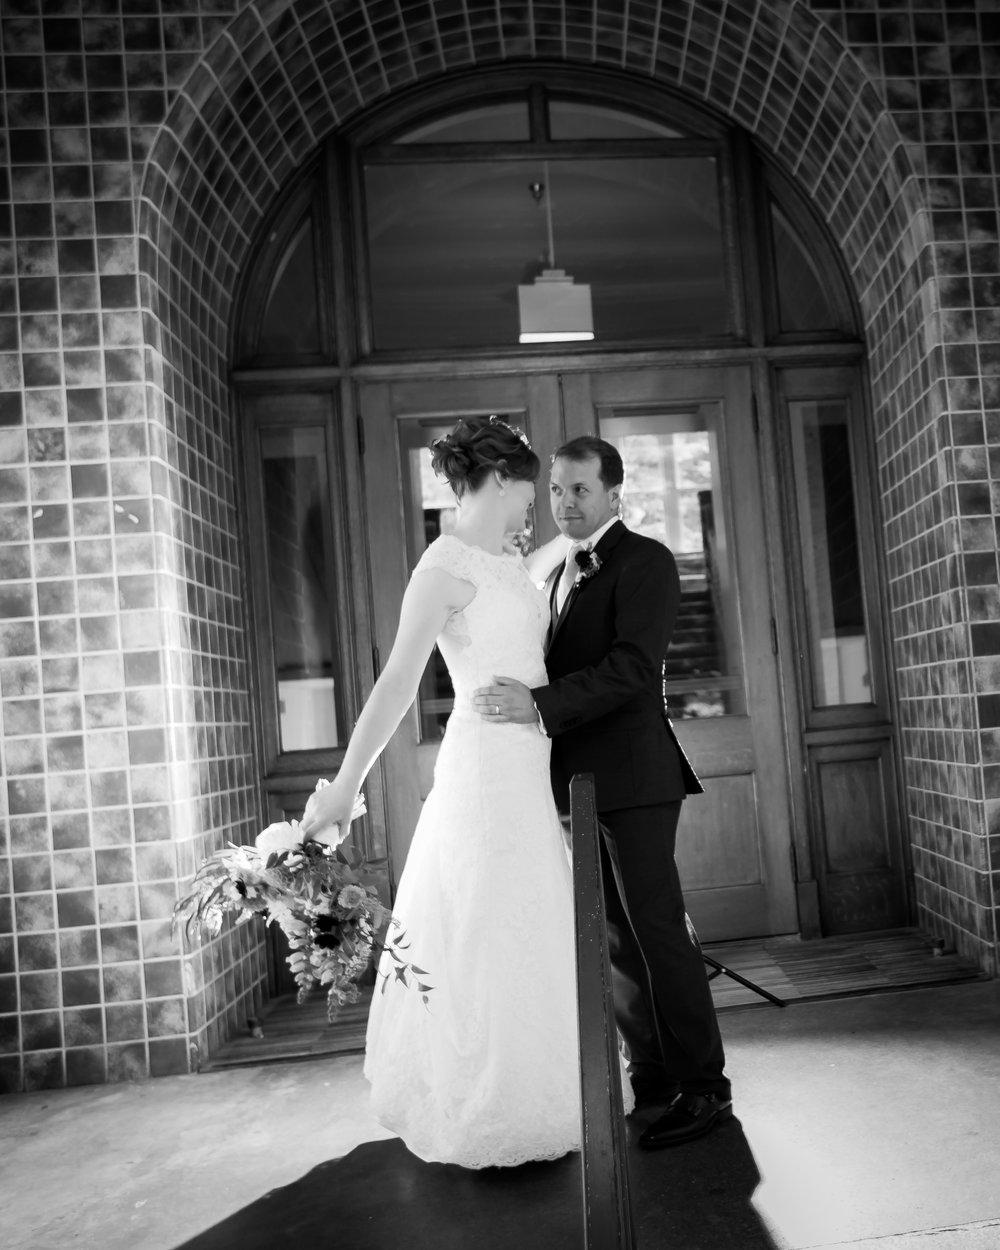 Bellingham Washington wedding, dramatic light at Old Main, Western Washington University